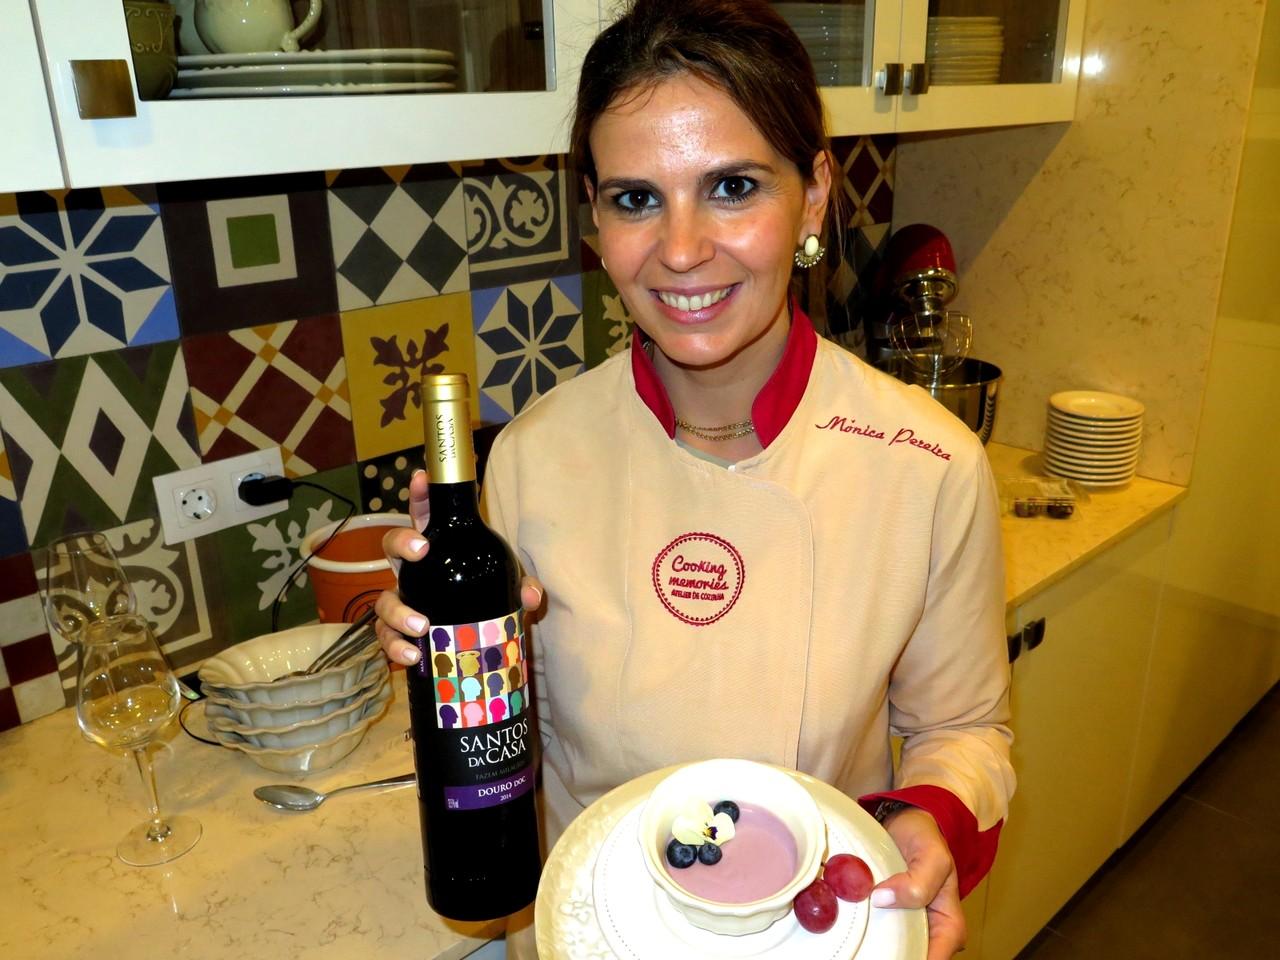 Mónica Pereira e a mousse de vinho tinto... feita com o Santos da Casa Douro DOC Tinto 2014